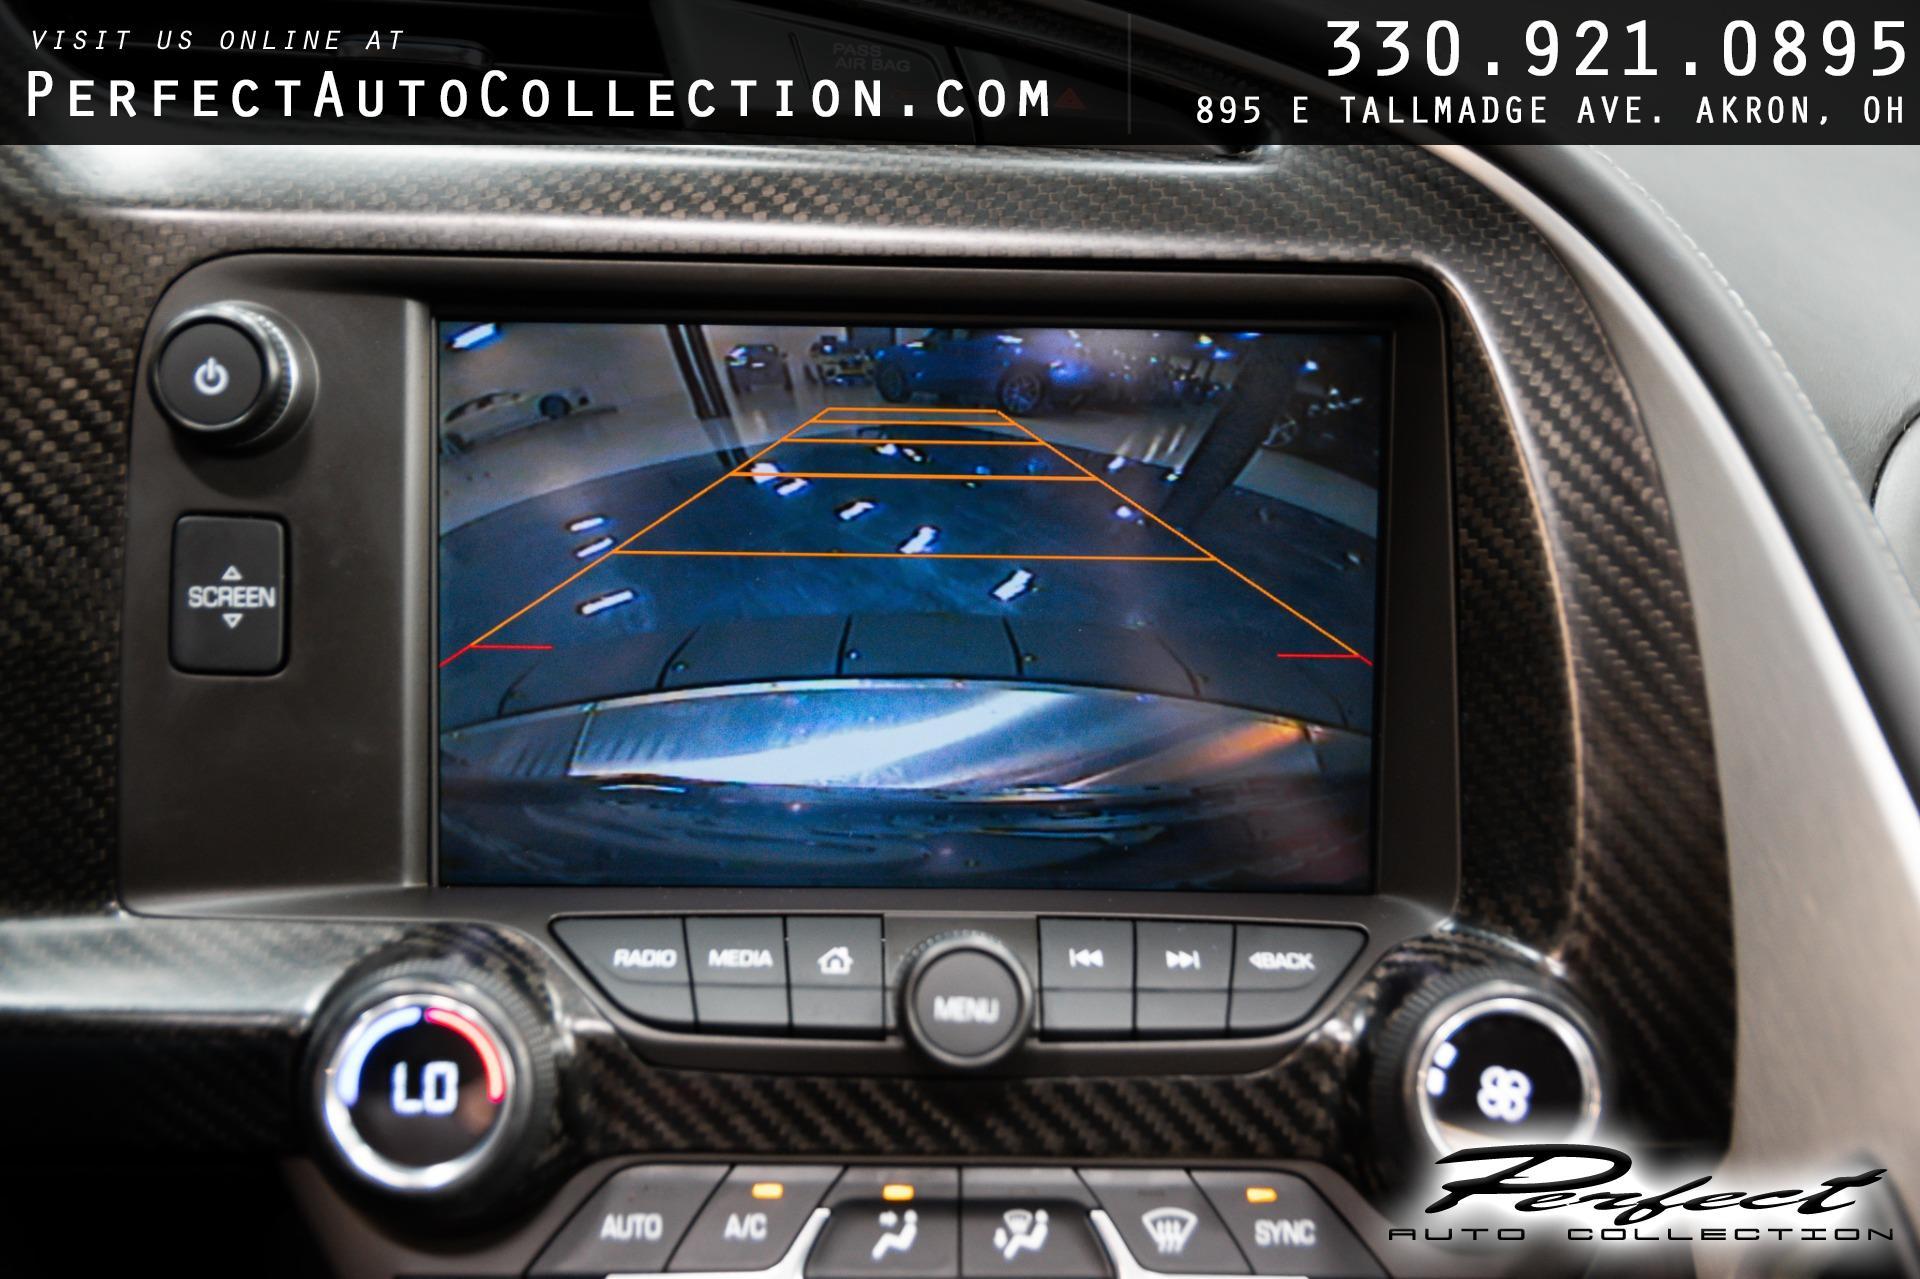 Used 2014 Chevrolet Corvette Stingray Z51 3LT